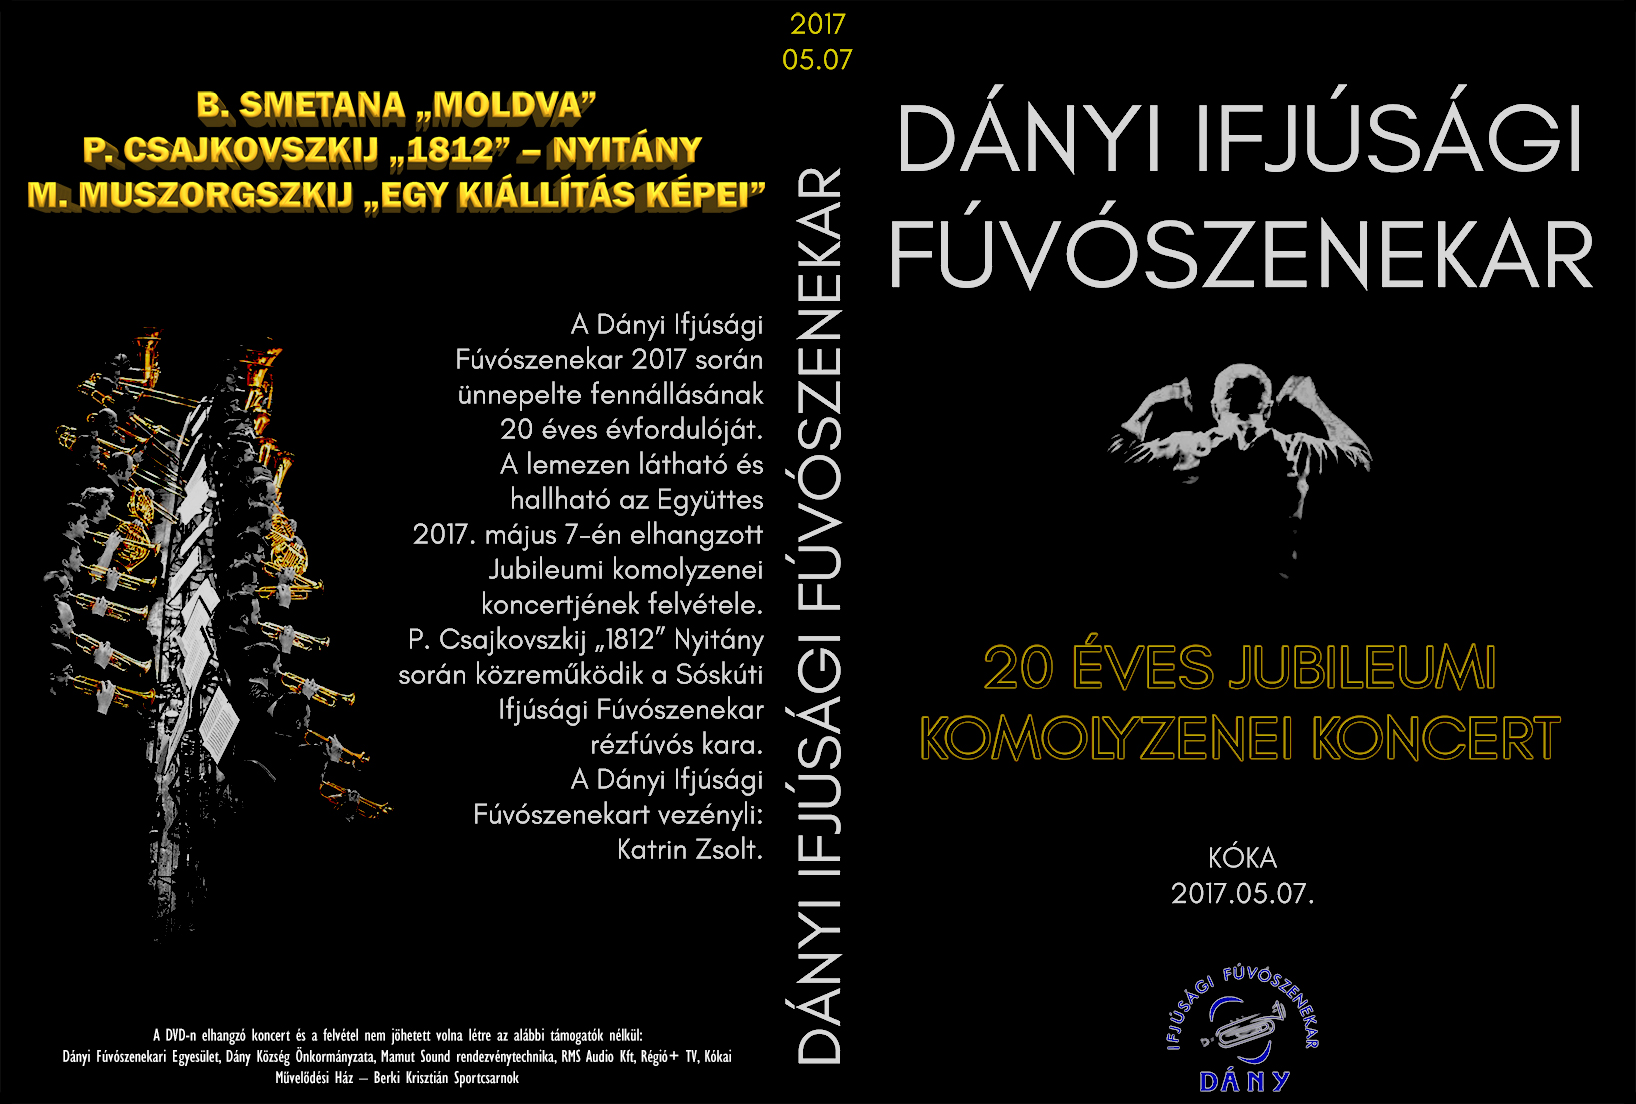 20 éves Jubileumi Koncert DVD borító